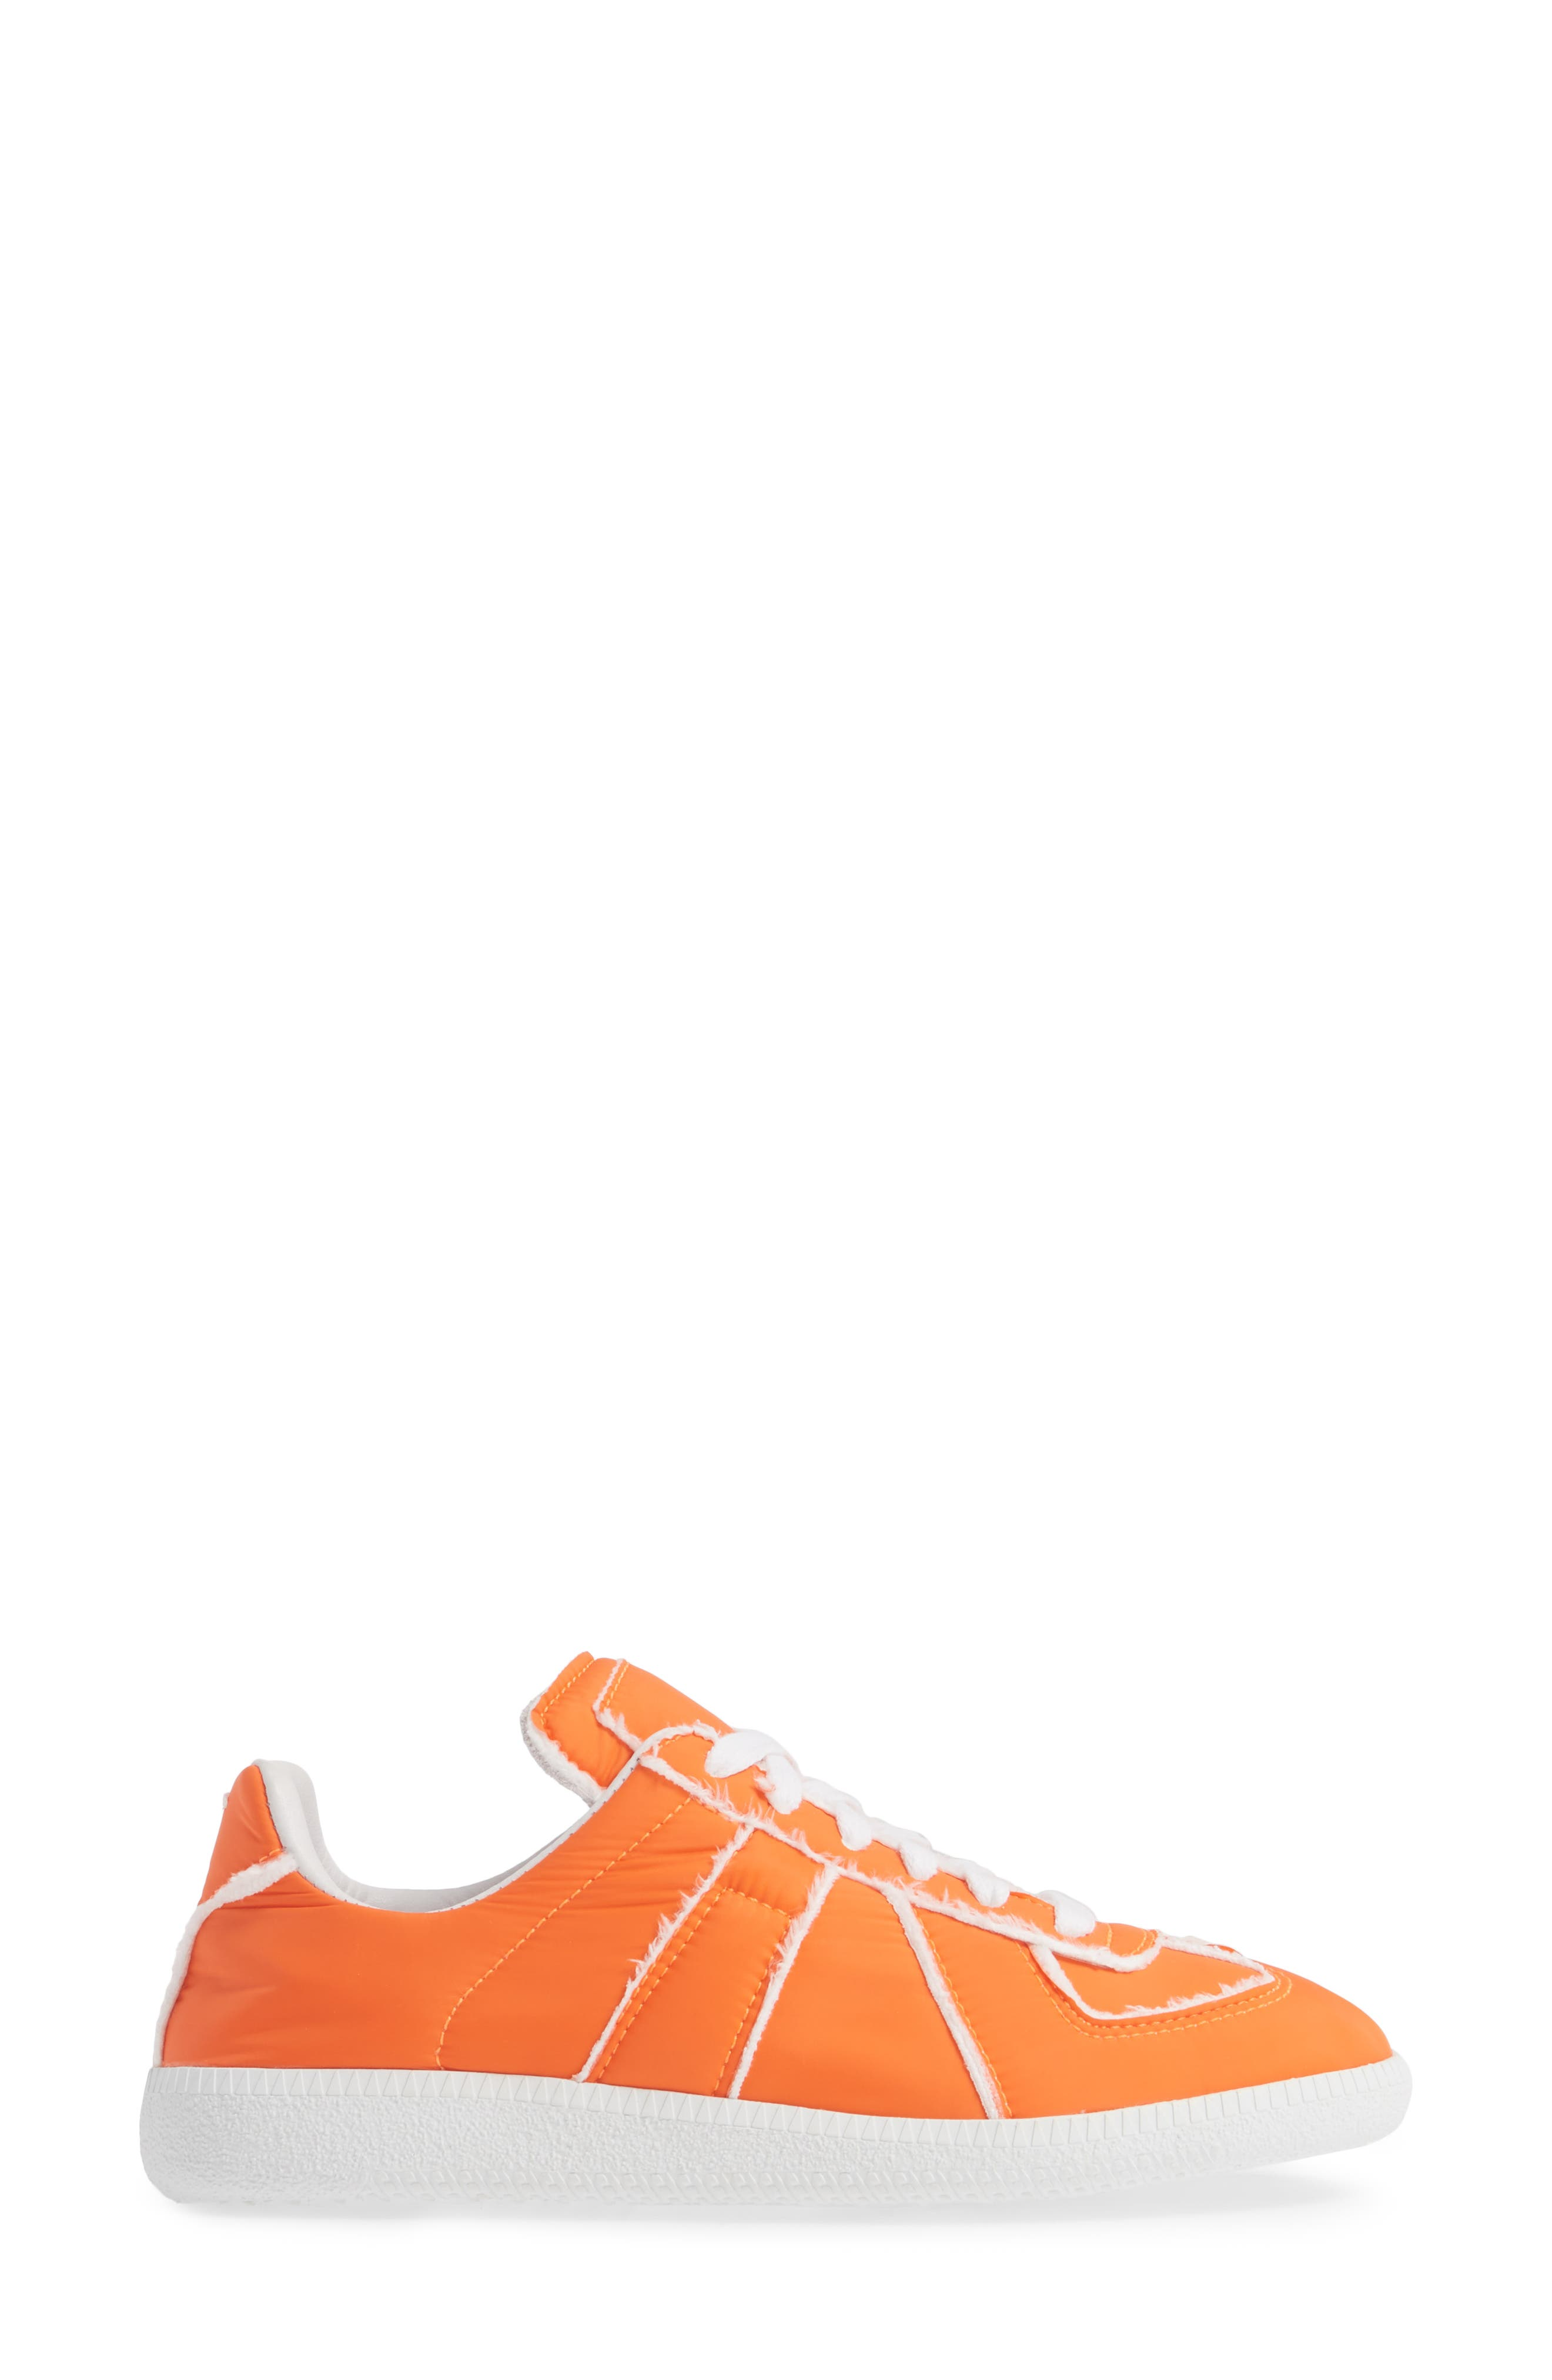 MAISON MARGIELA, Replica Lace-Up Sneaker, Alternate thumbnail 3, color, VERMILLION ORANGE